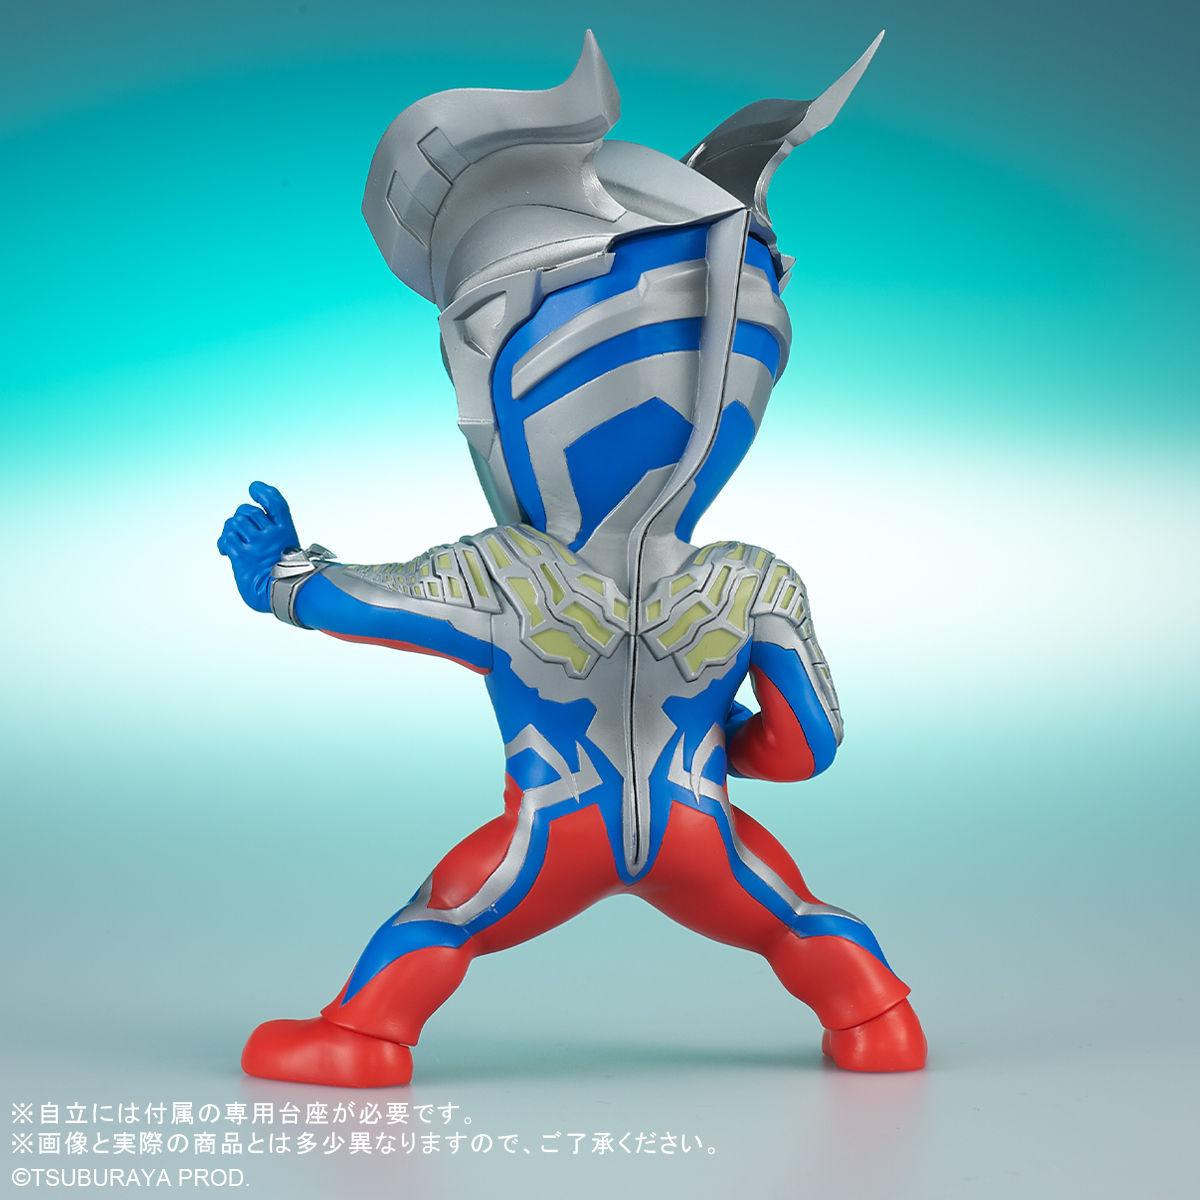 【限定販売】デフォリアル『ウルトラマンゼロ』大怪獣バトル ウルトラ銀河伝説 デフォルメフィギュア-004